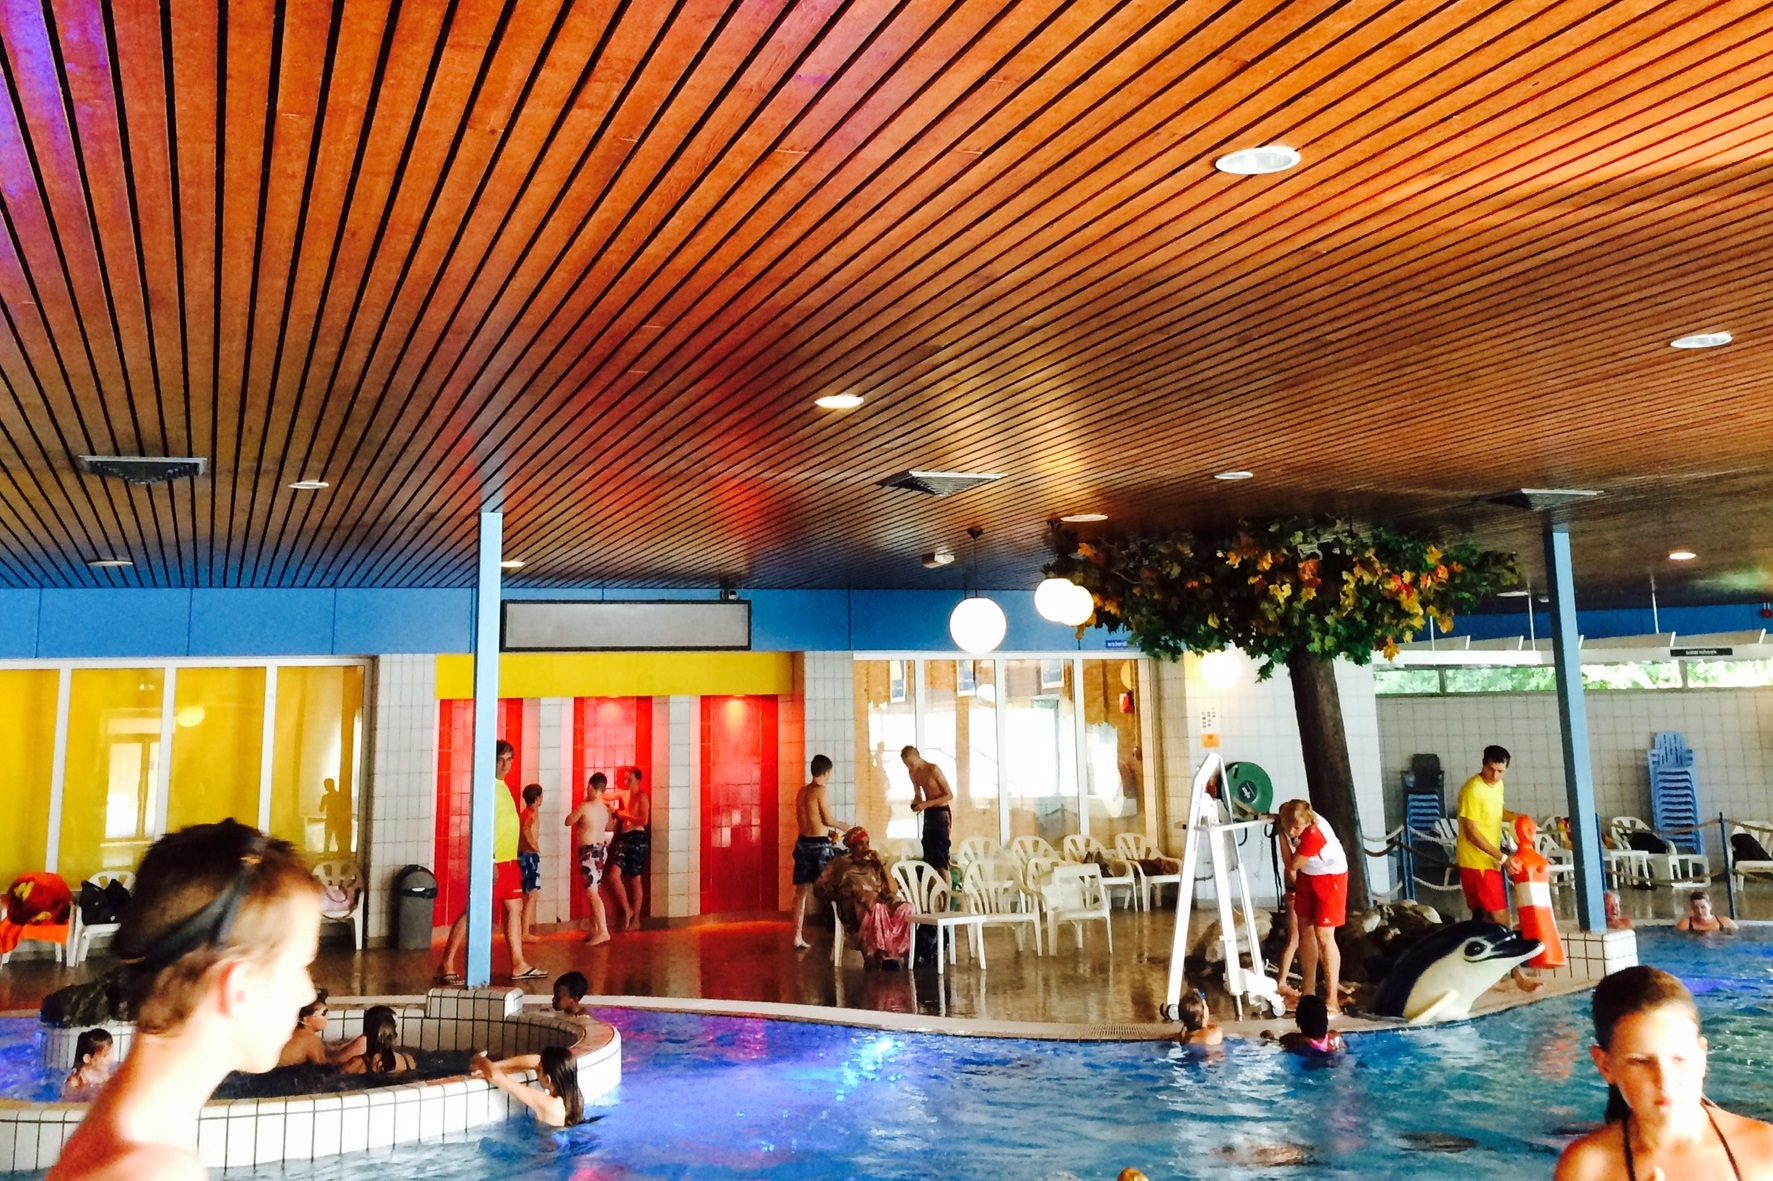 Zwembad De Lansingh.Zwemmen Tijdens Renovatie De Lansingh Rtv Krimpenerwaard